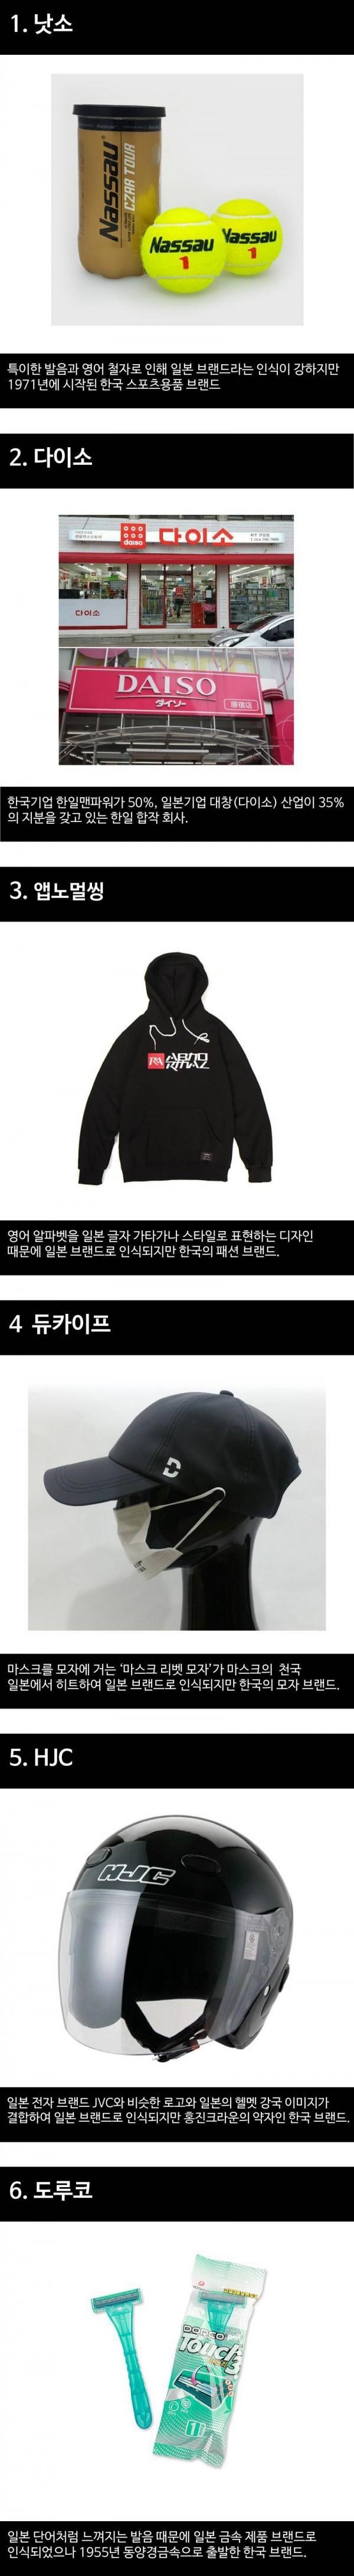 의외의 한국 브랜드